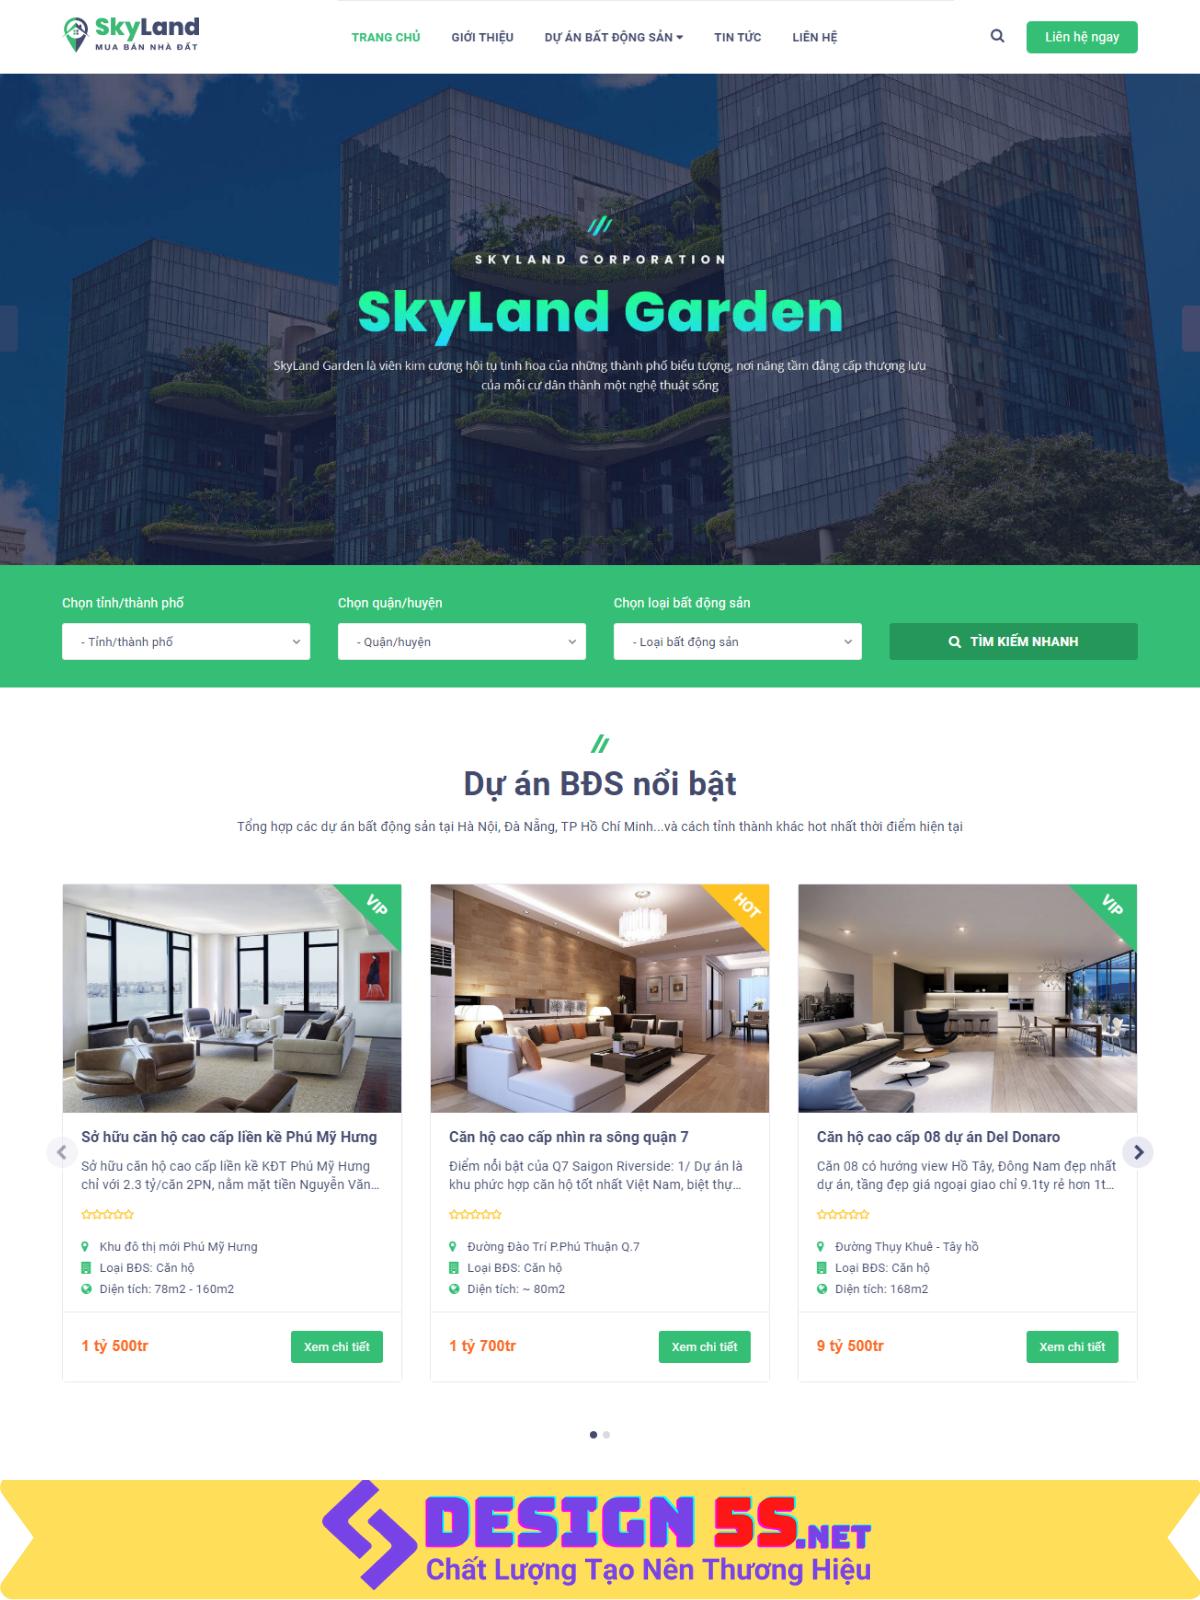 mẫu website bất động sản Sky Land Đẹp Chuẩn SEO